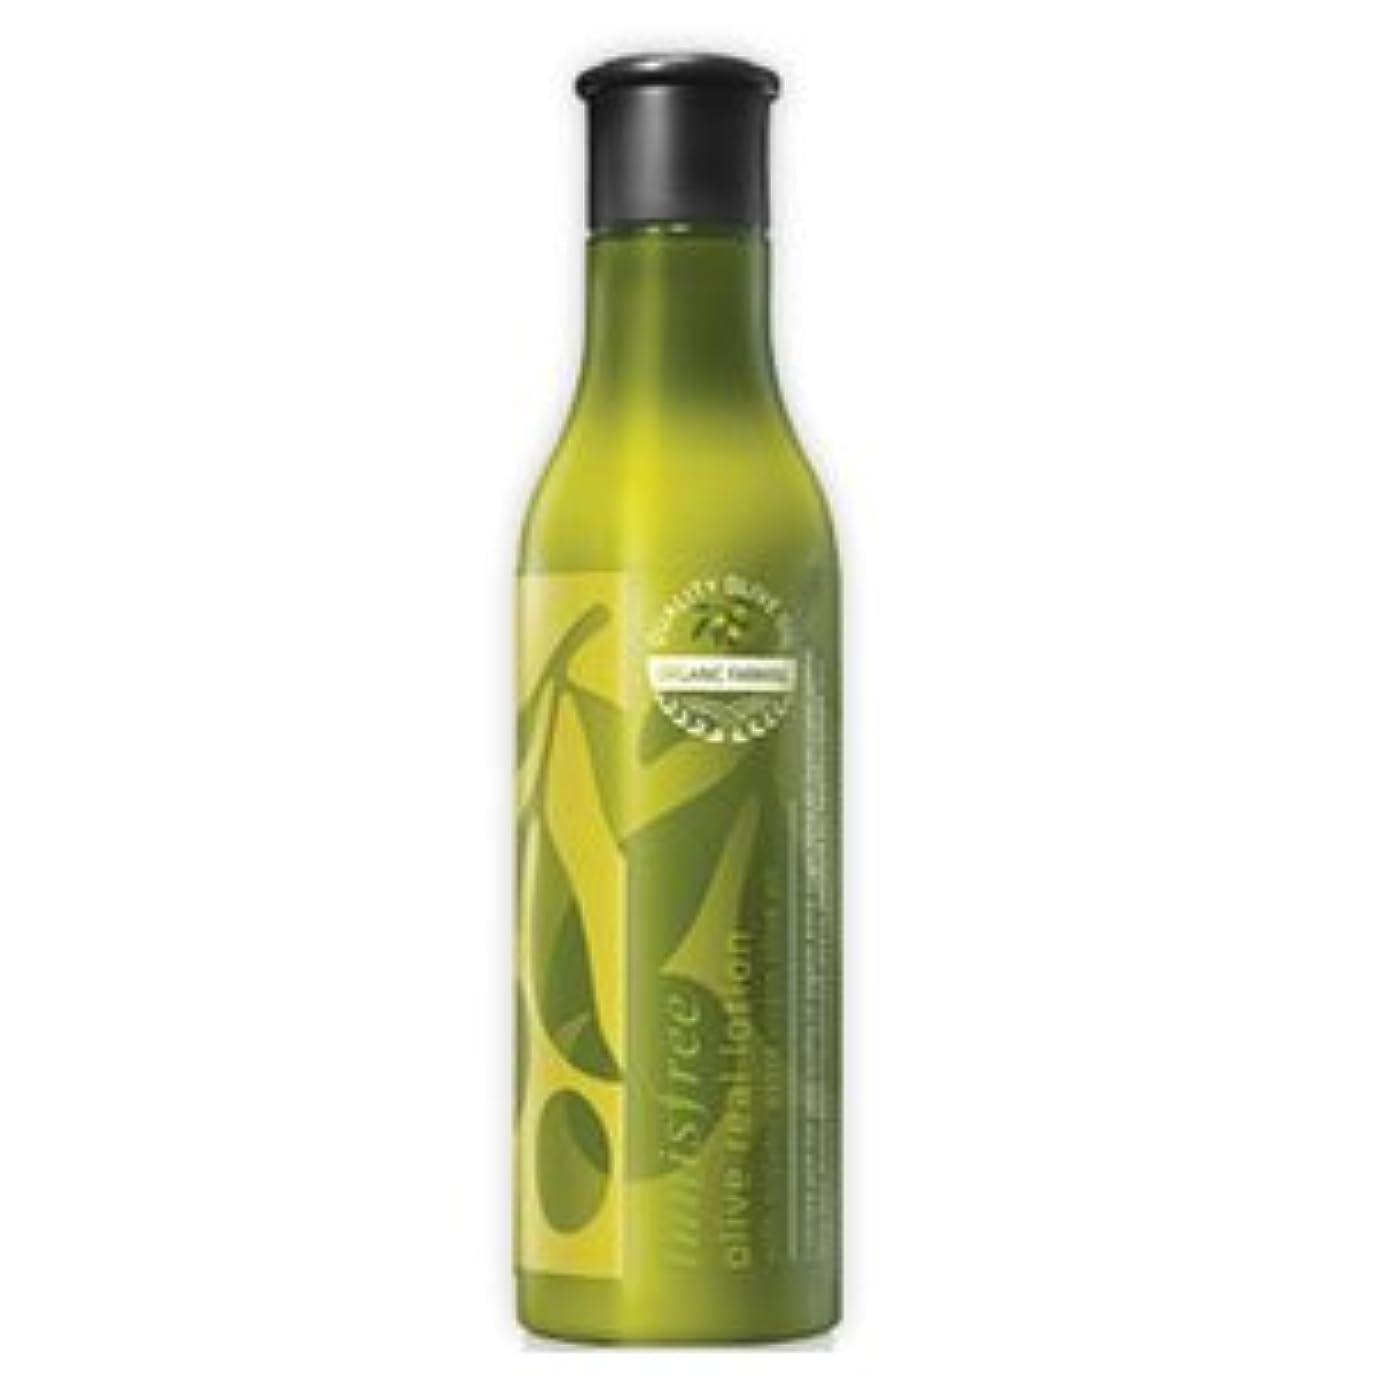 四回交流する番目innisfree(イニスフリー) 保湿栄養 オリーブリアル ローション 乳液 160ml